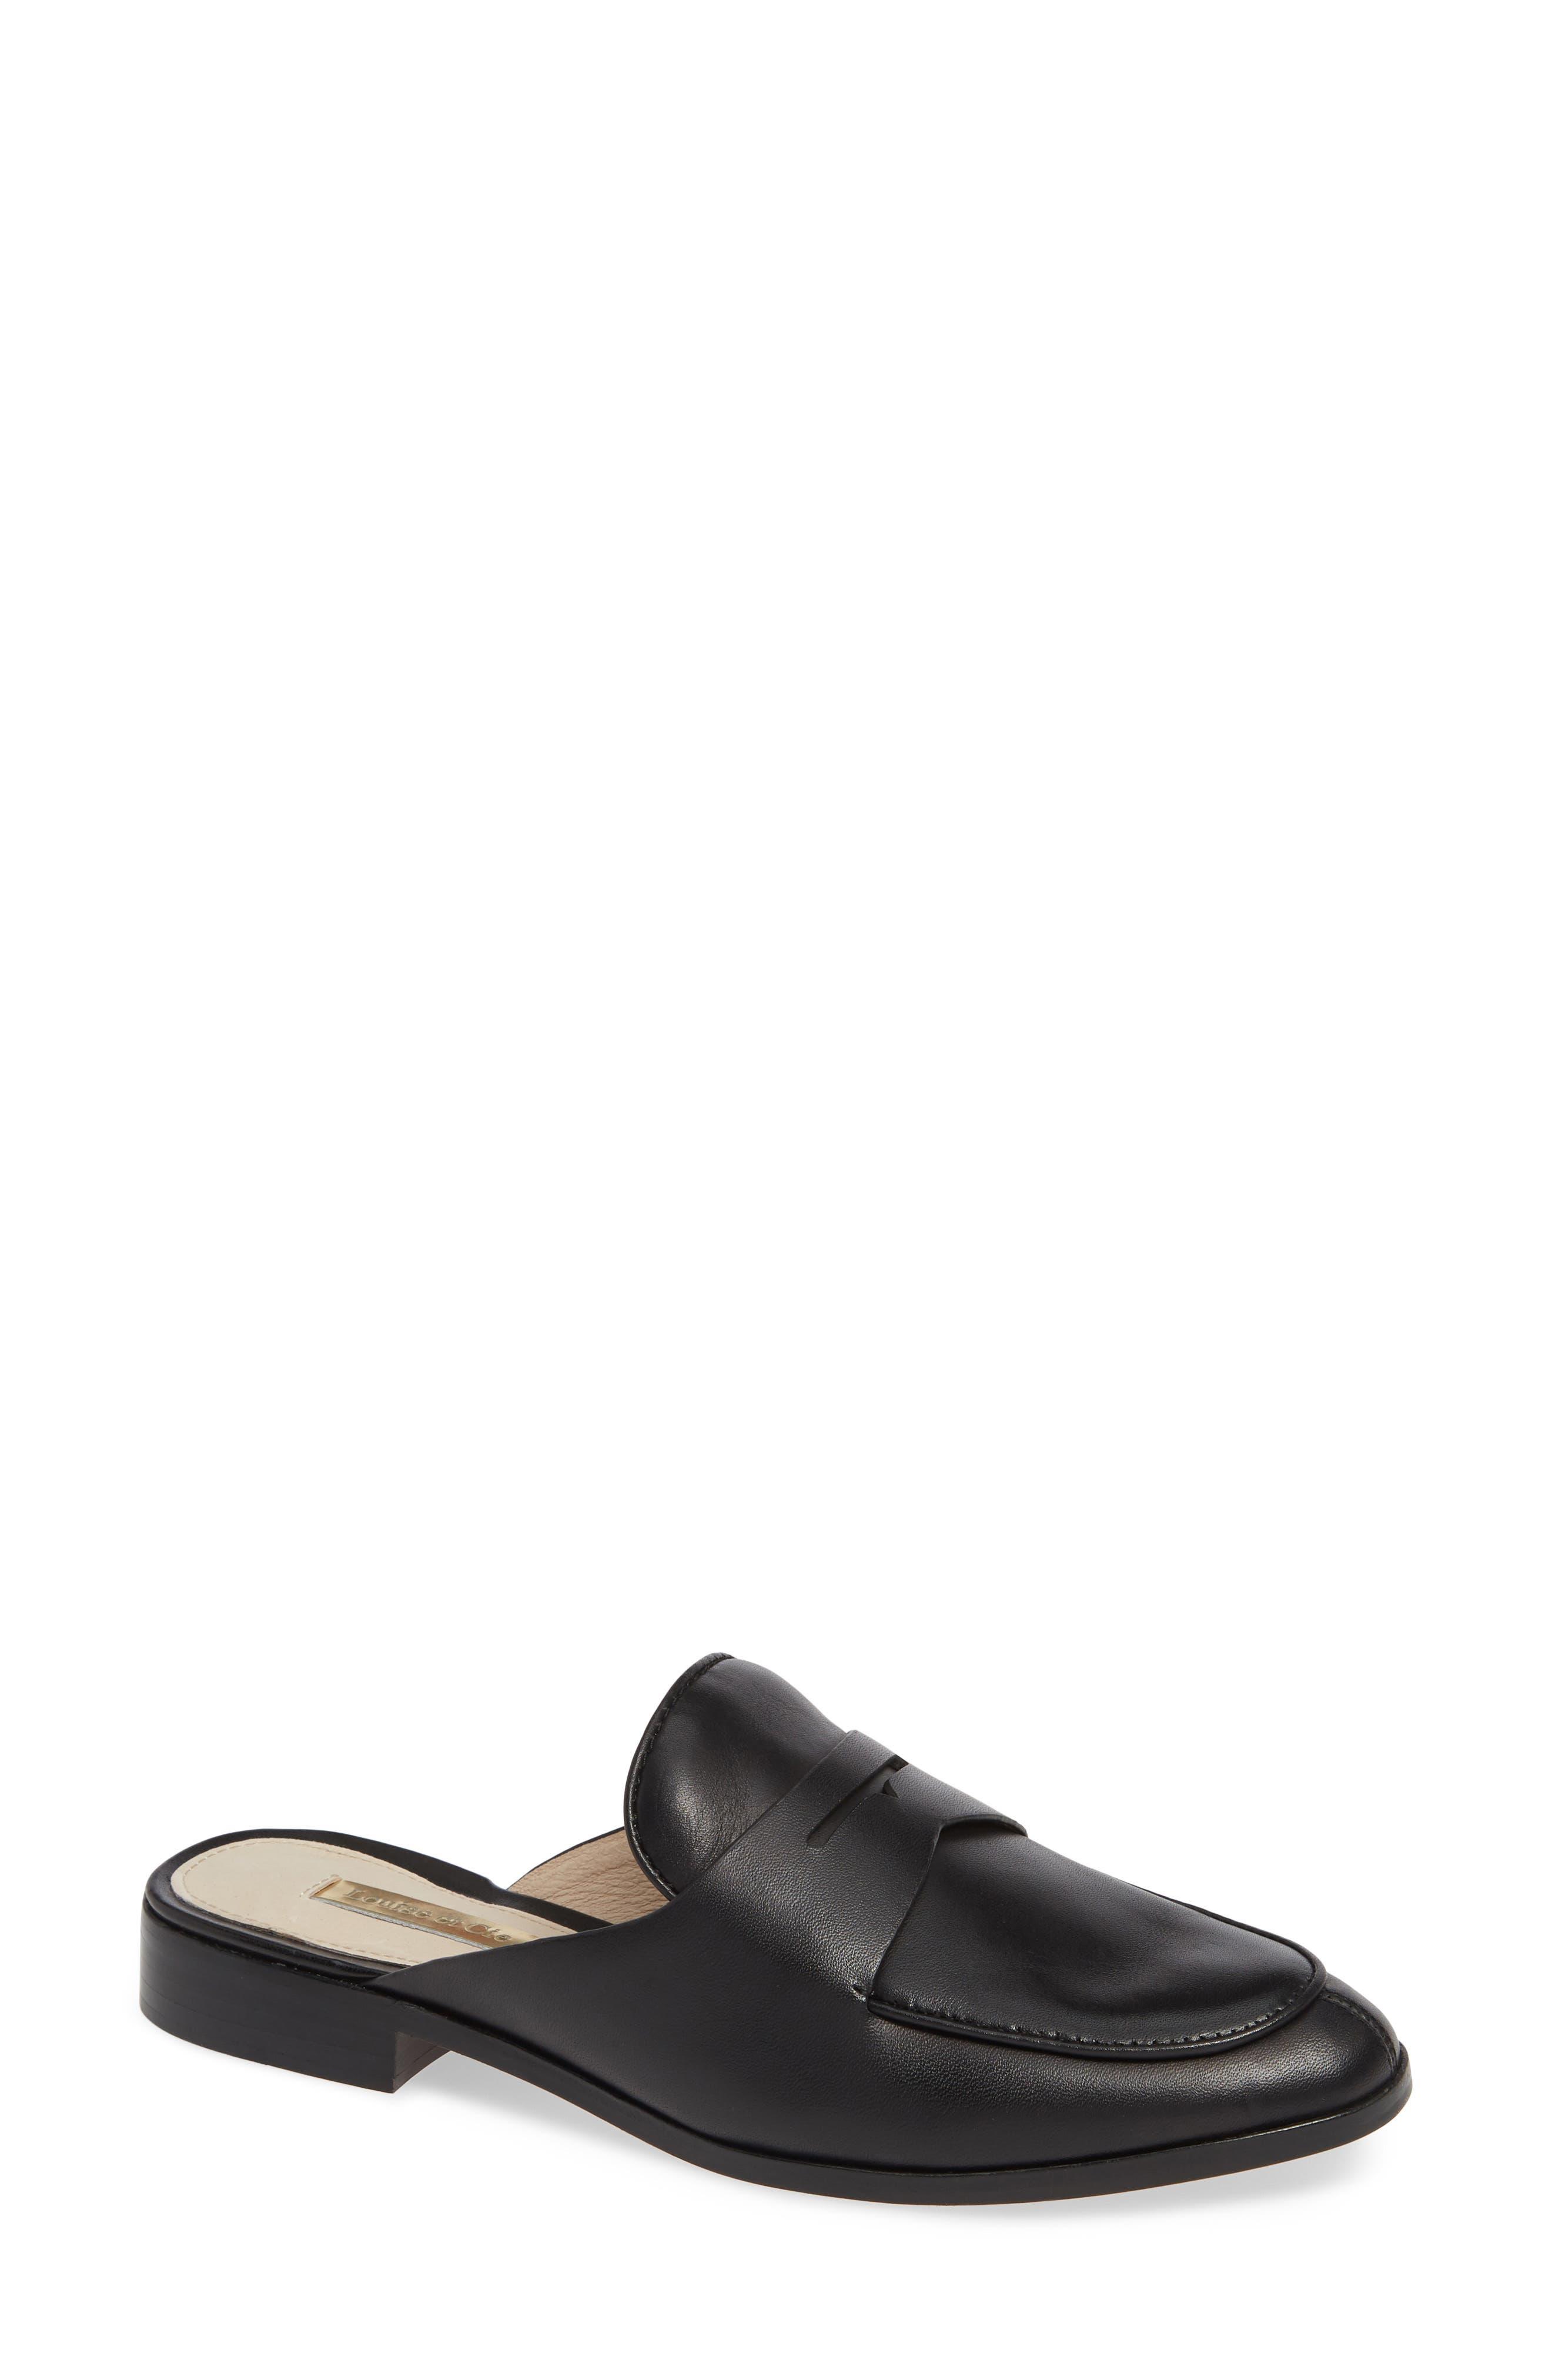 LOUISE ET CIE, Dugan Flat Loafer Mule, Main thumbnail 1, color, BLACK/BLACK LEATHER